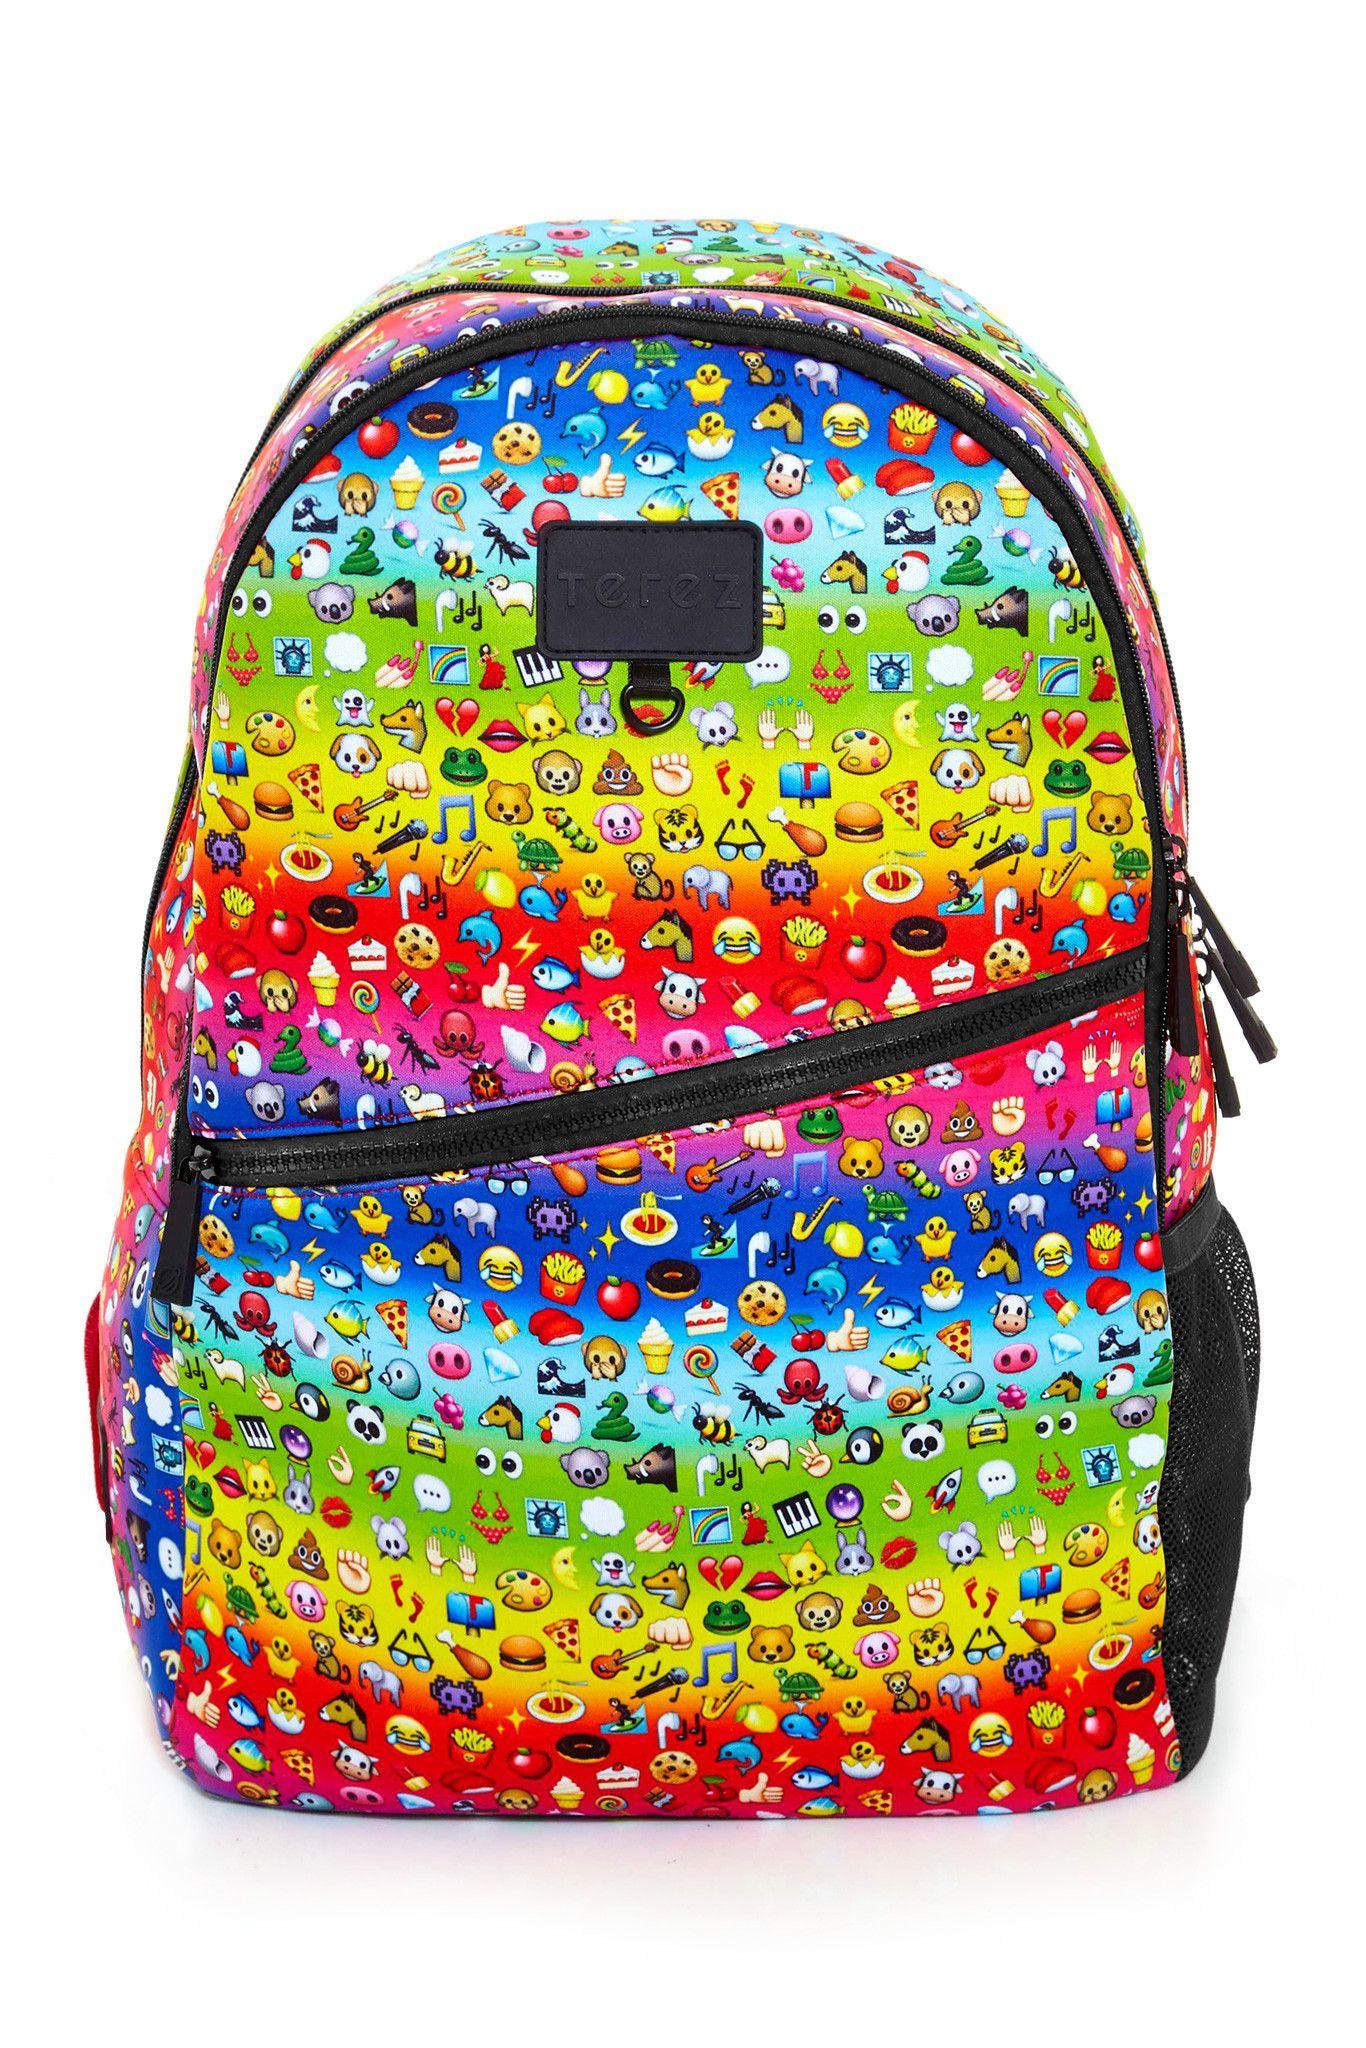 e0f18a3fc738 Sac Rainbow Emoji Backpack. Terez X Go!Sac Rainbow Emoji Backpack Emoji  Backpack